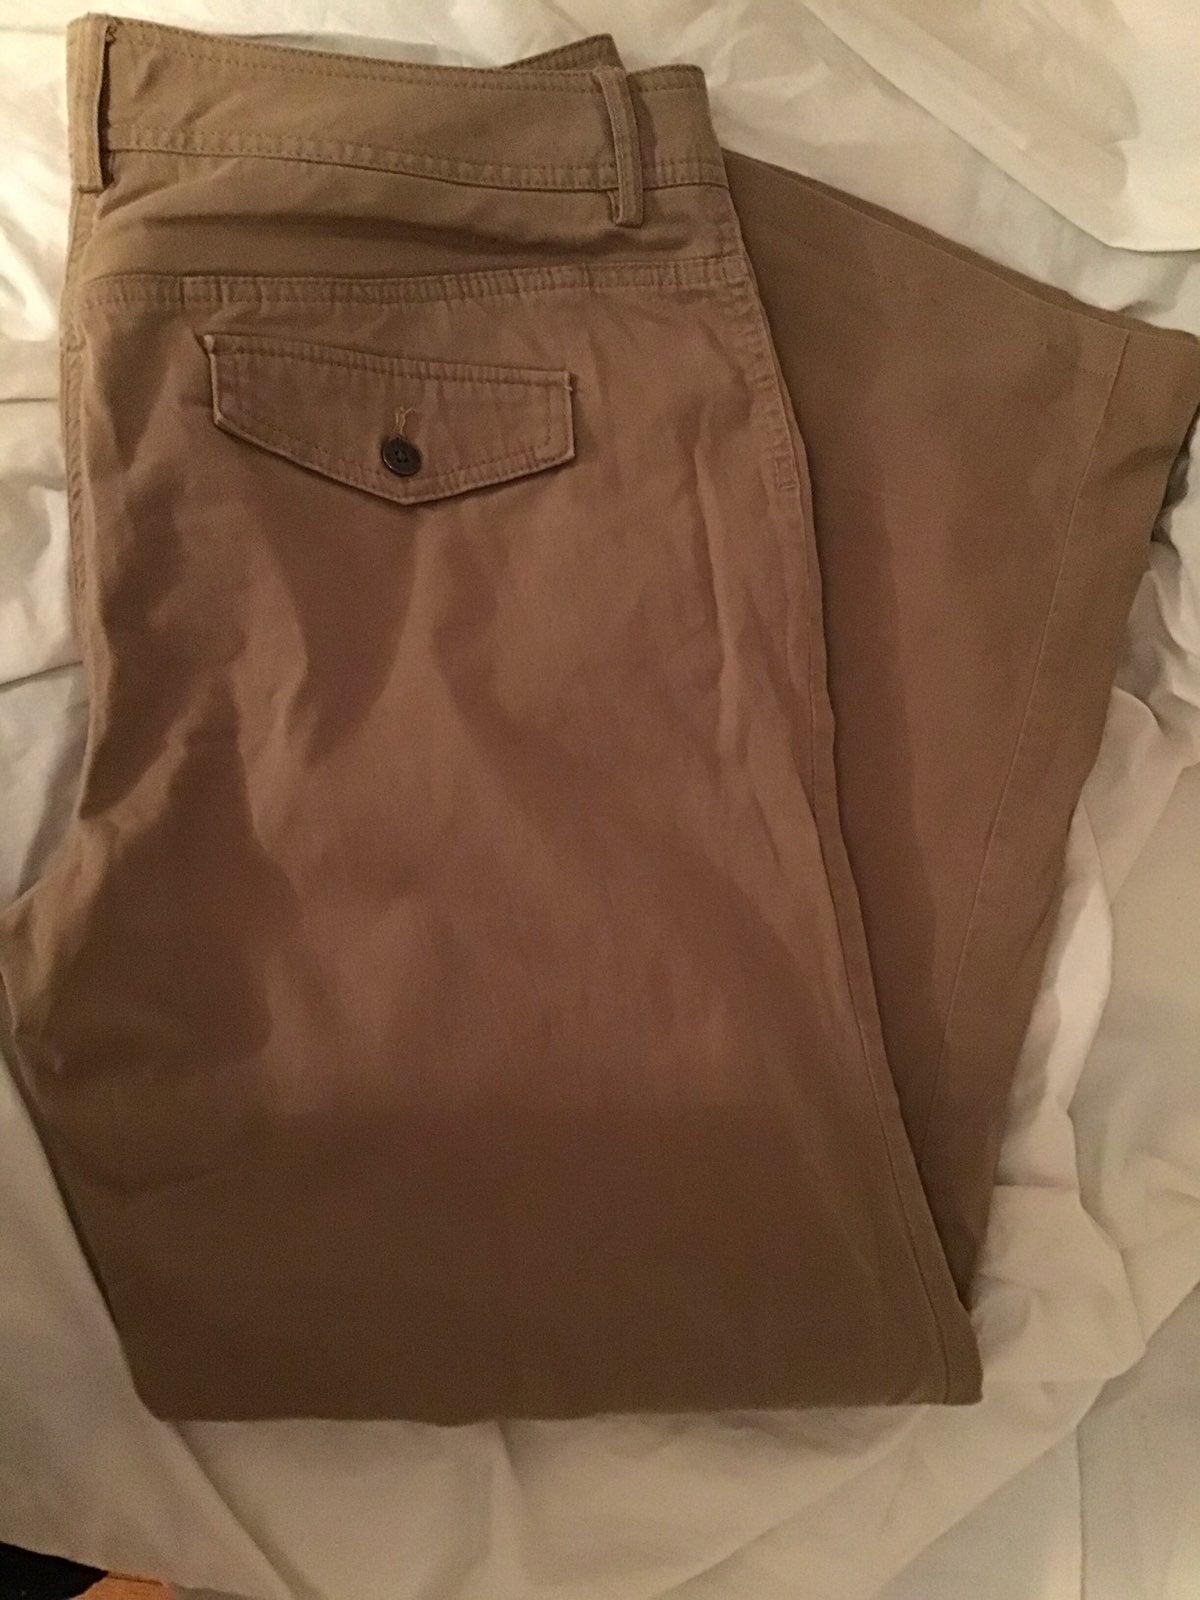 Tommy Hilfiger Khaki Pants Misses 12S